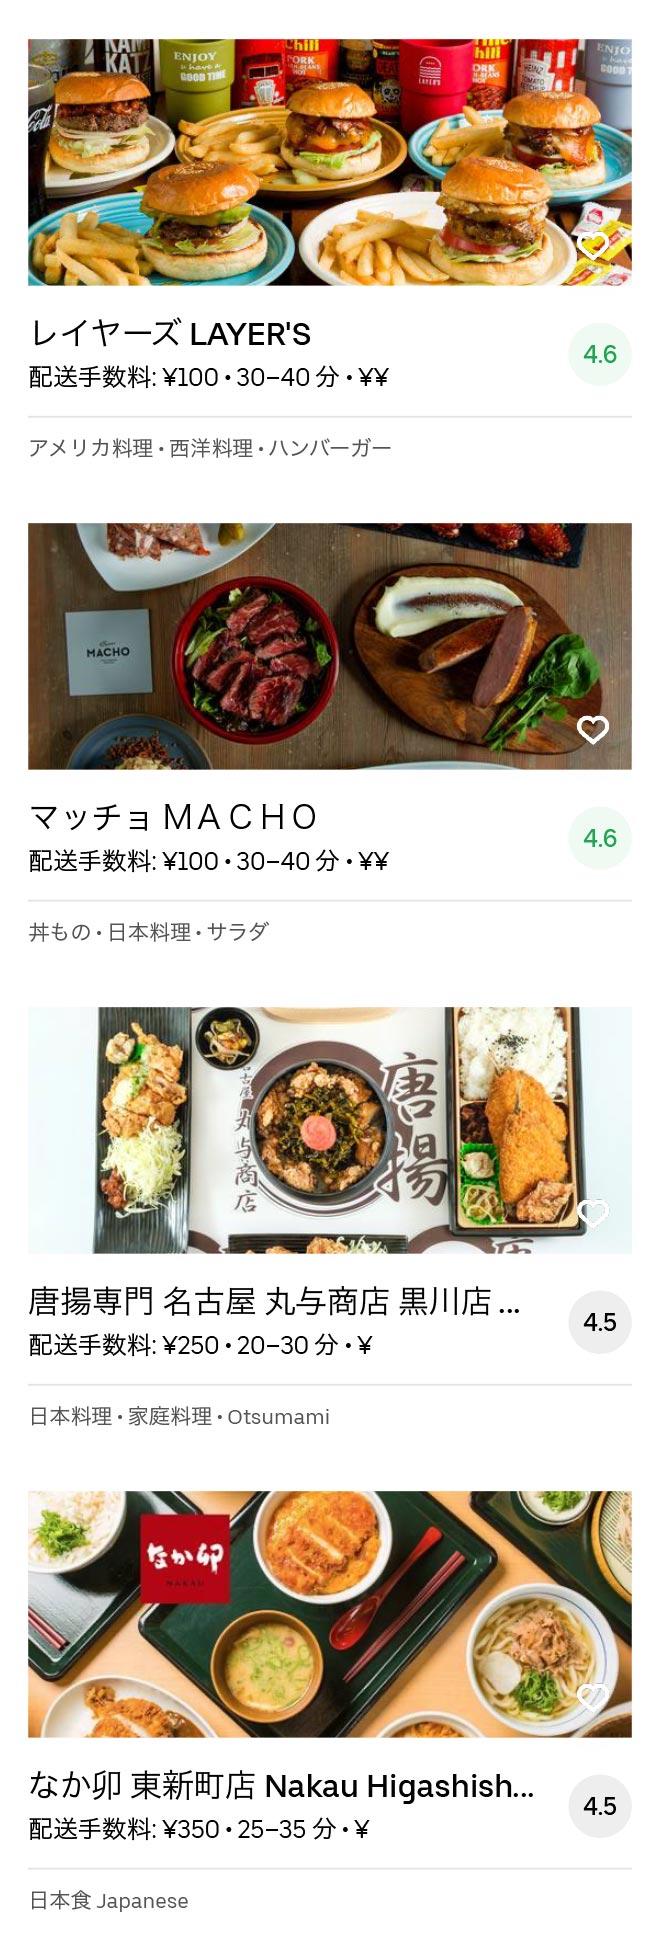 Nagoya ozone menu 2005 09